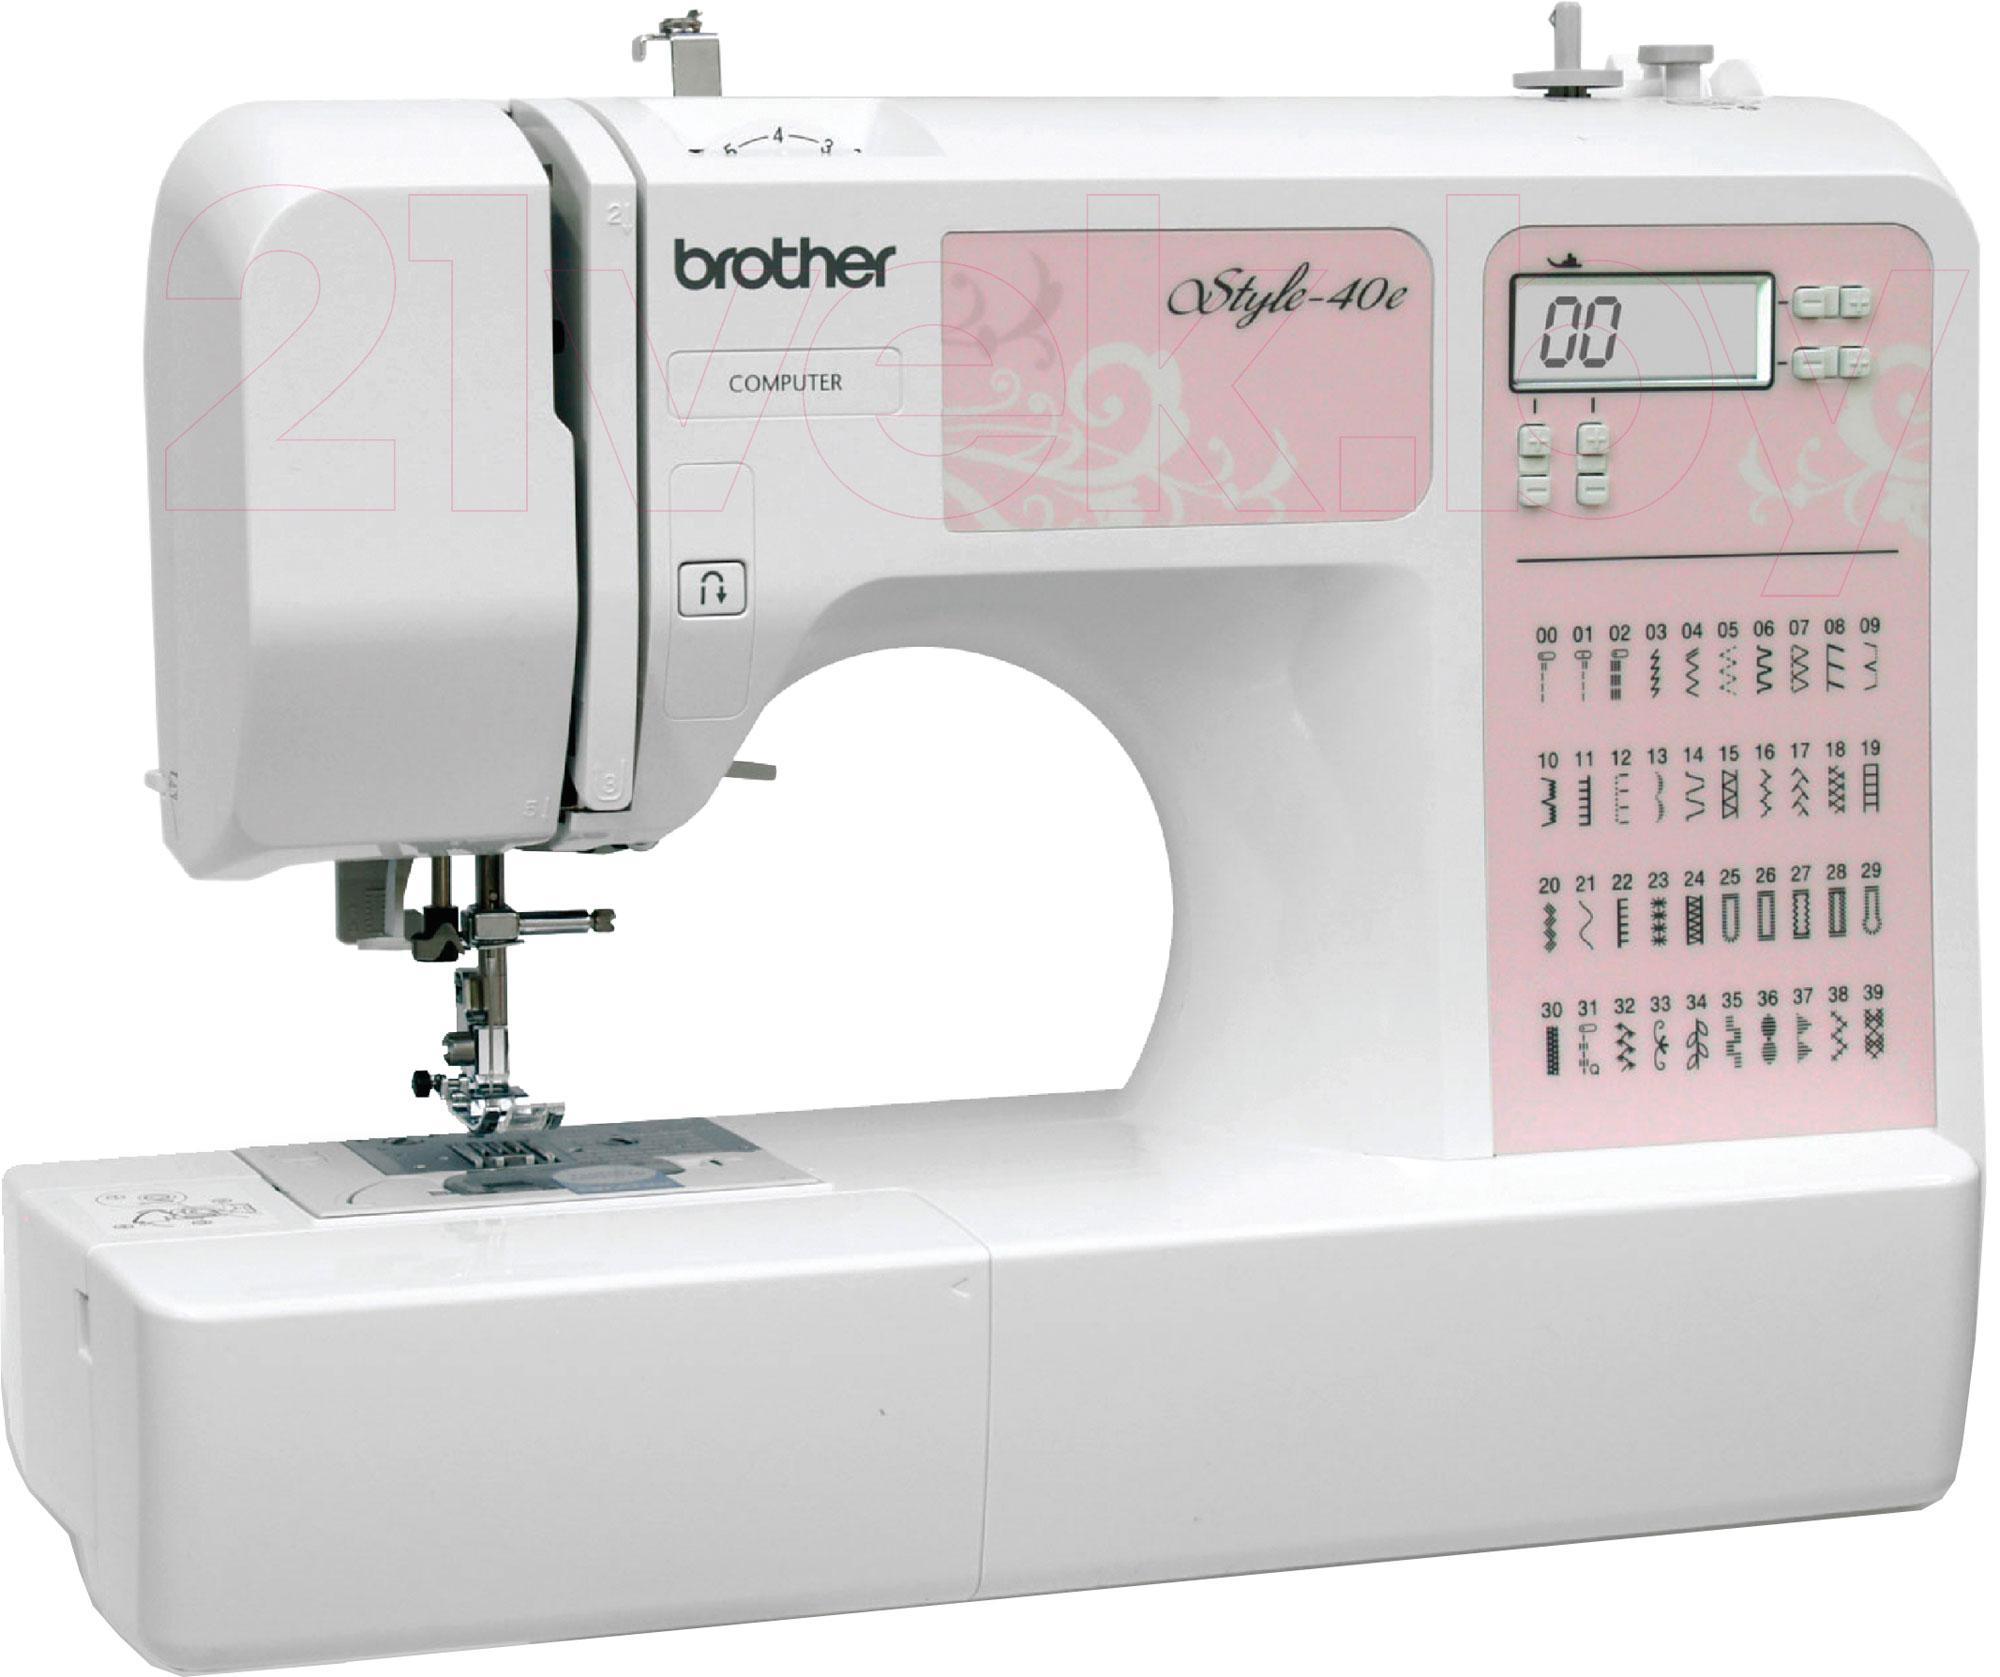 Купить Швейная машина Brother, Style-40e, Китай